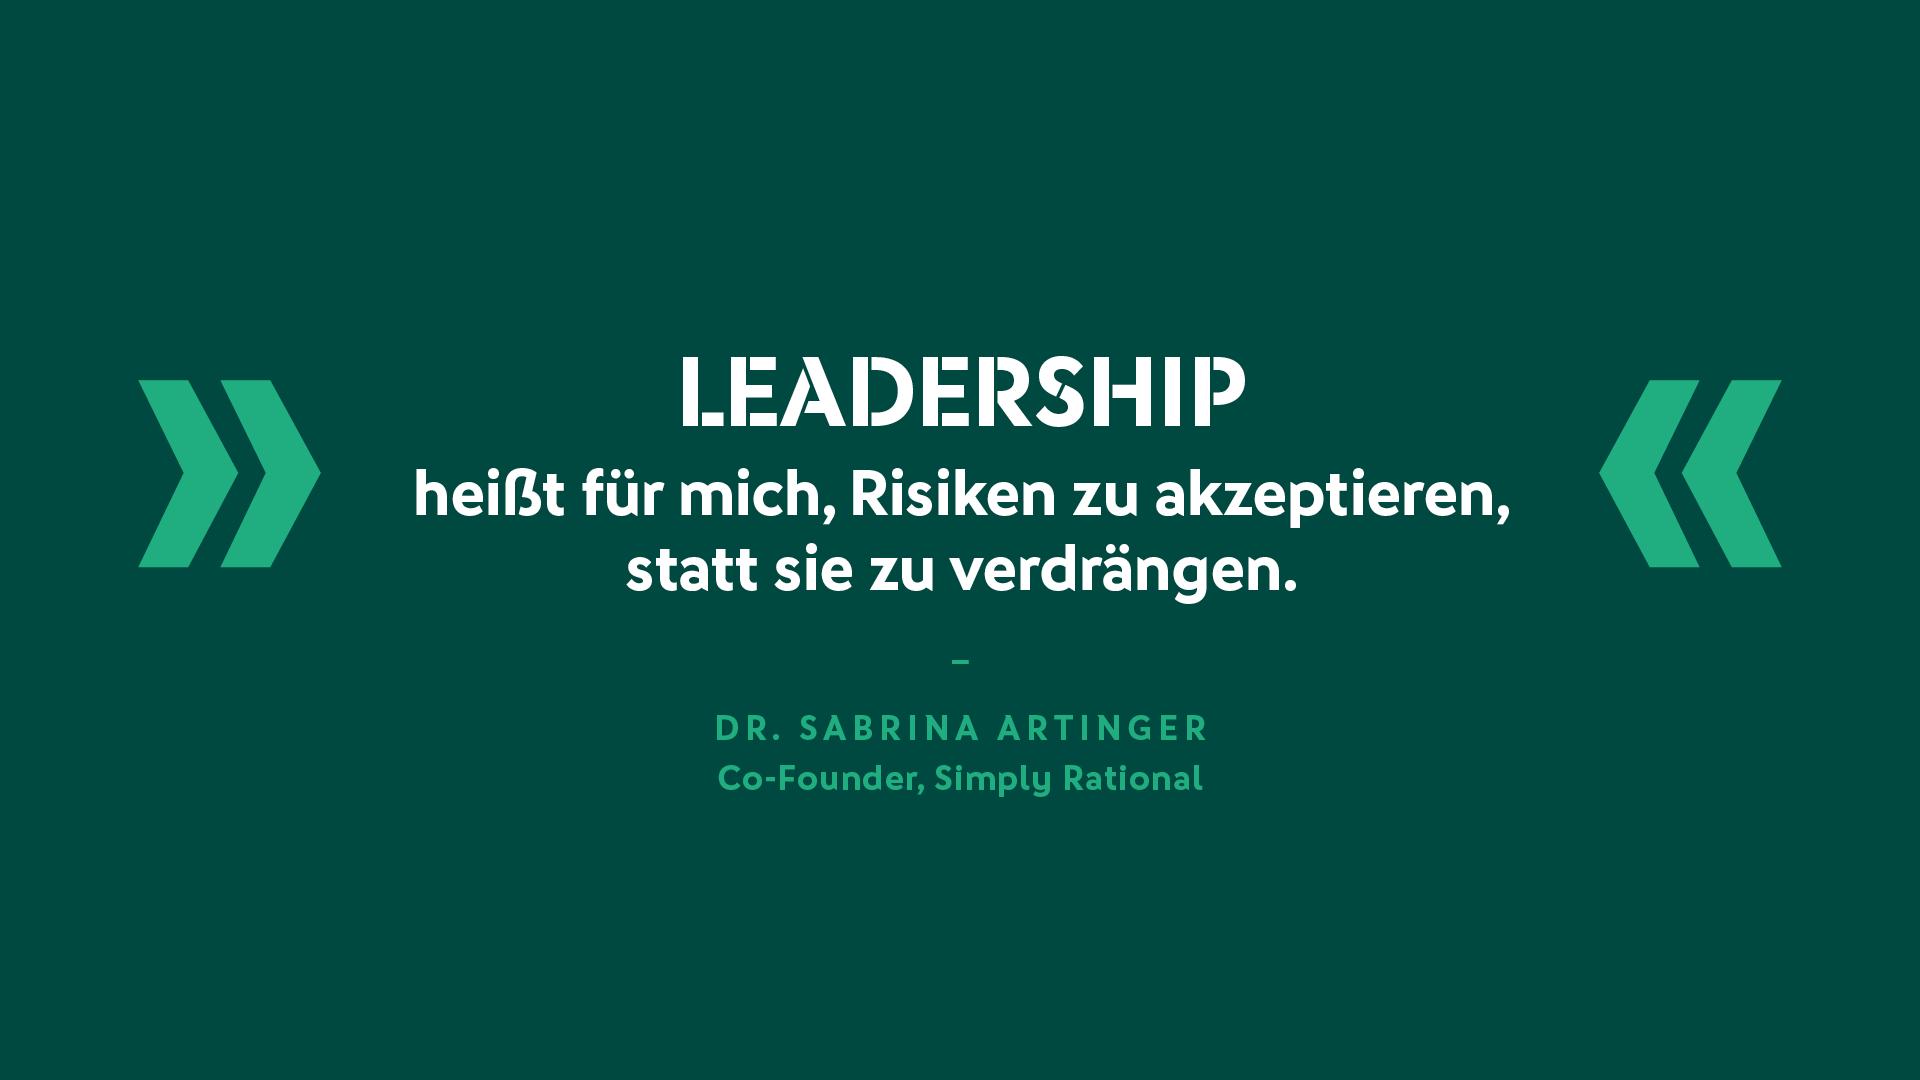 Dr. Sabrina Artinger